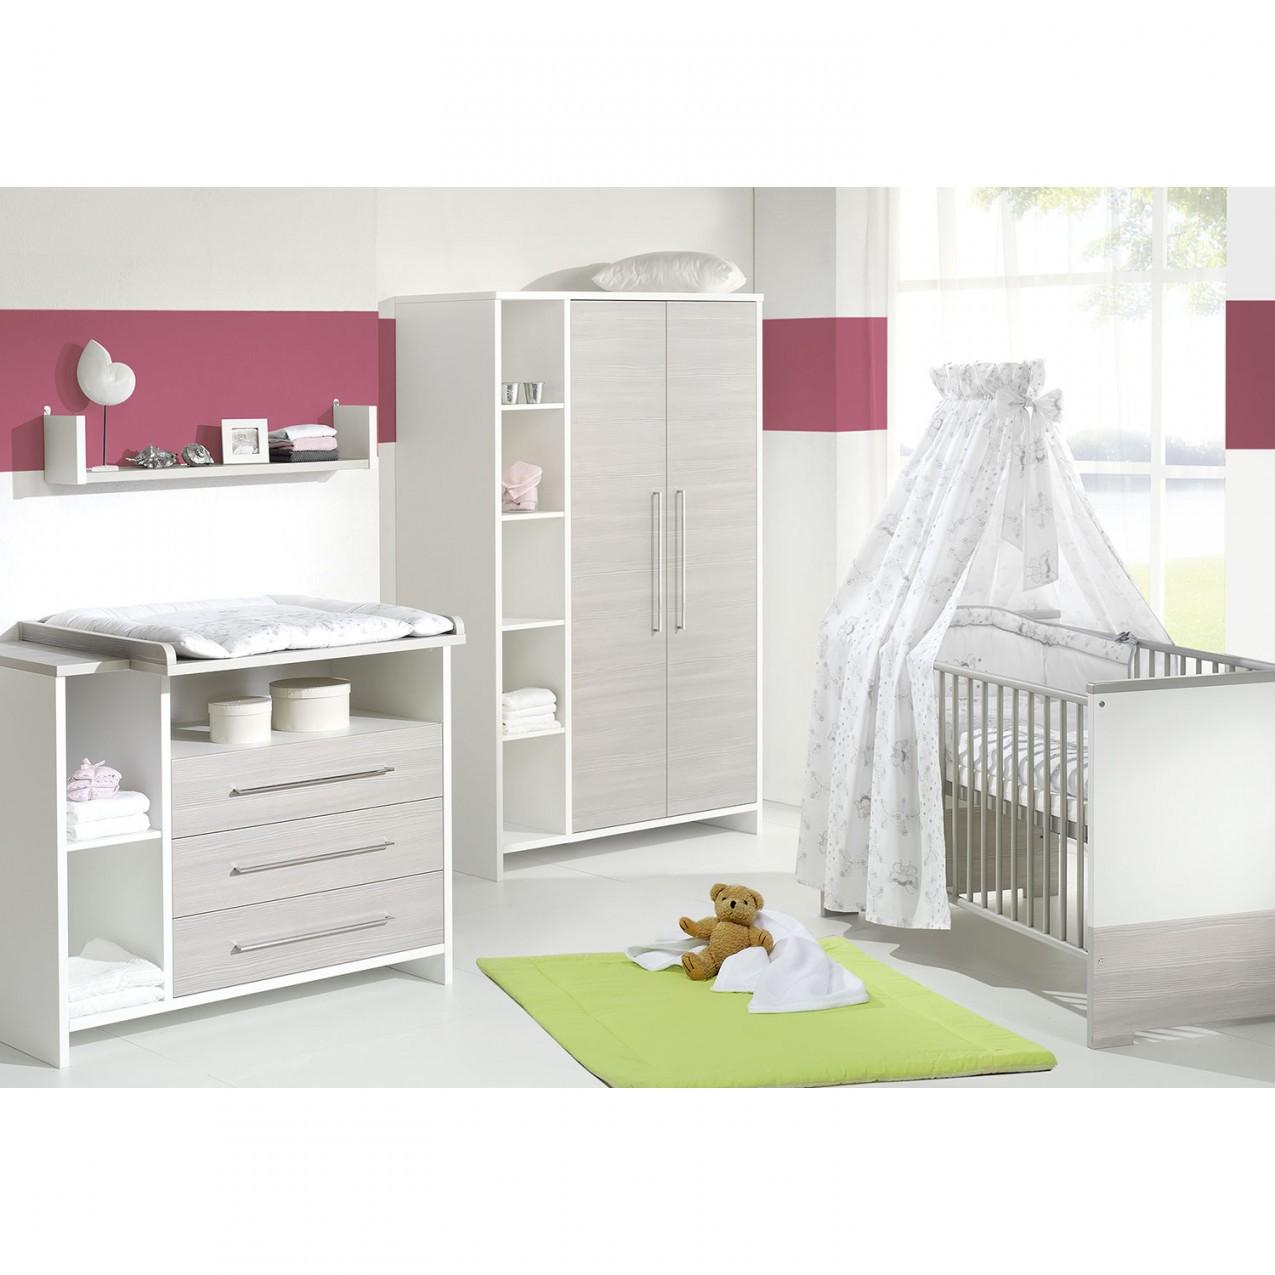 Schardt Babyzimmer 3Teilig Eco Silber von Babyzimmer Komplett Mit Matratze Photo